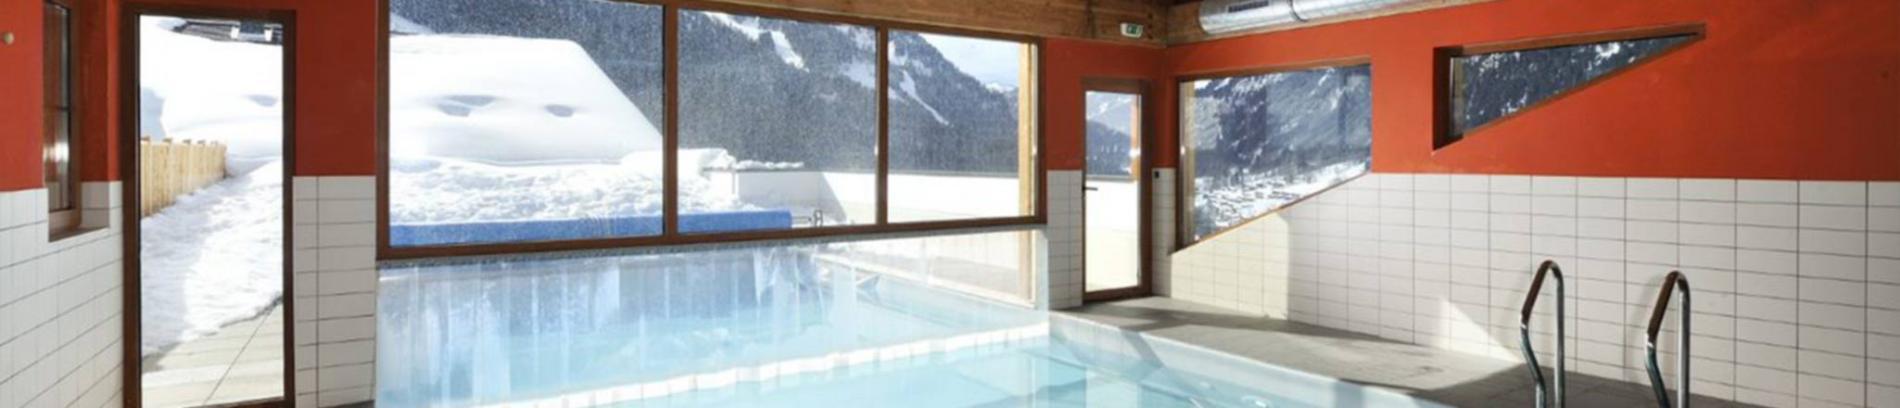 Slide la piscine intérieure de la résidence